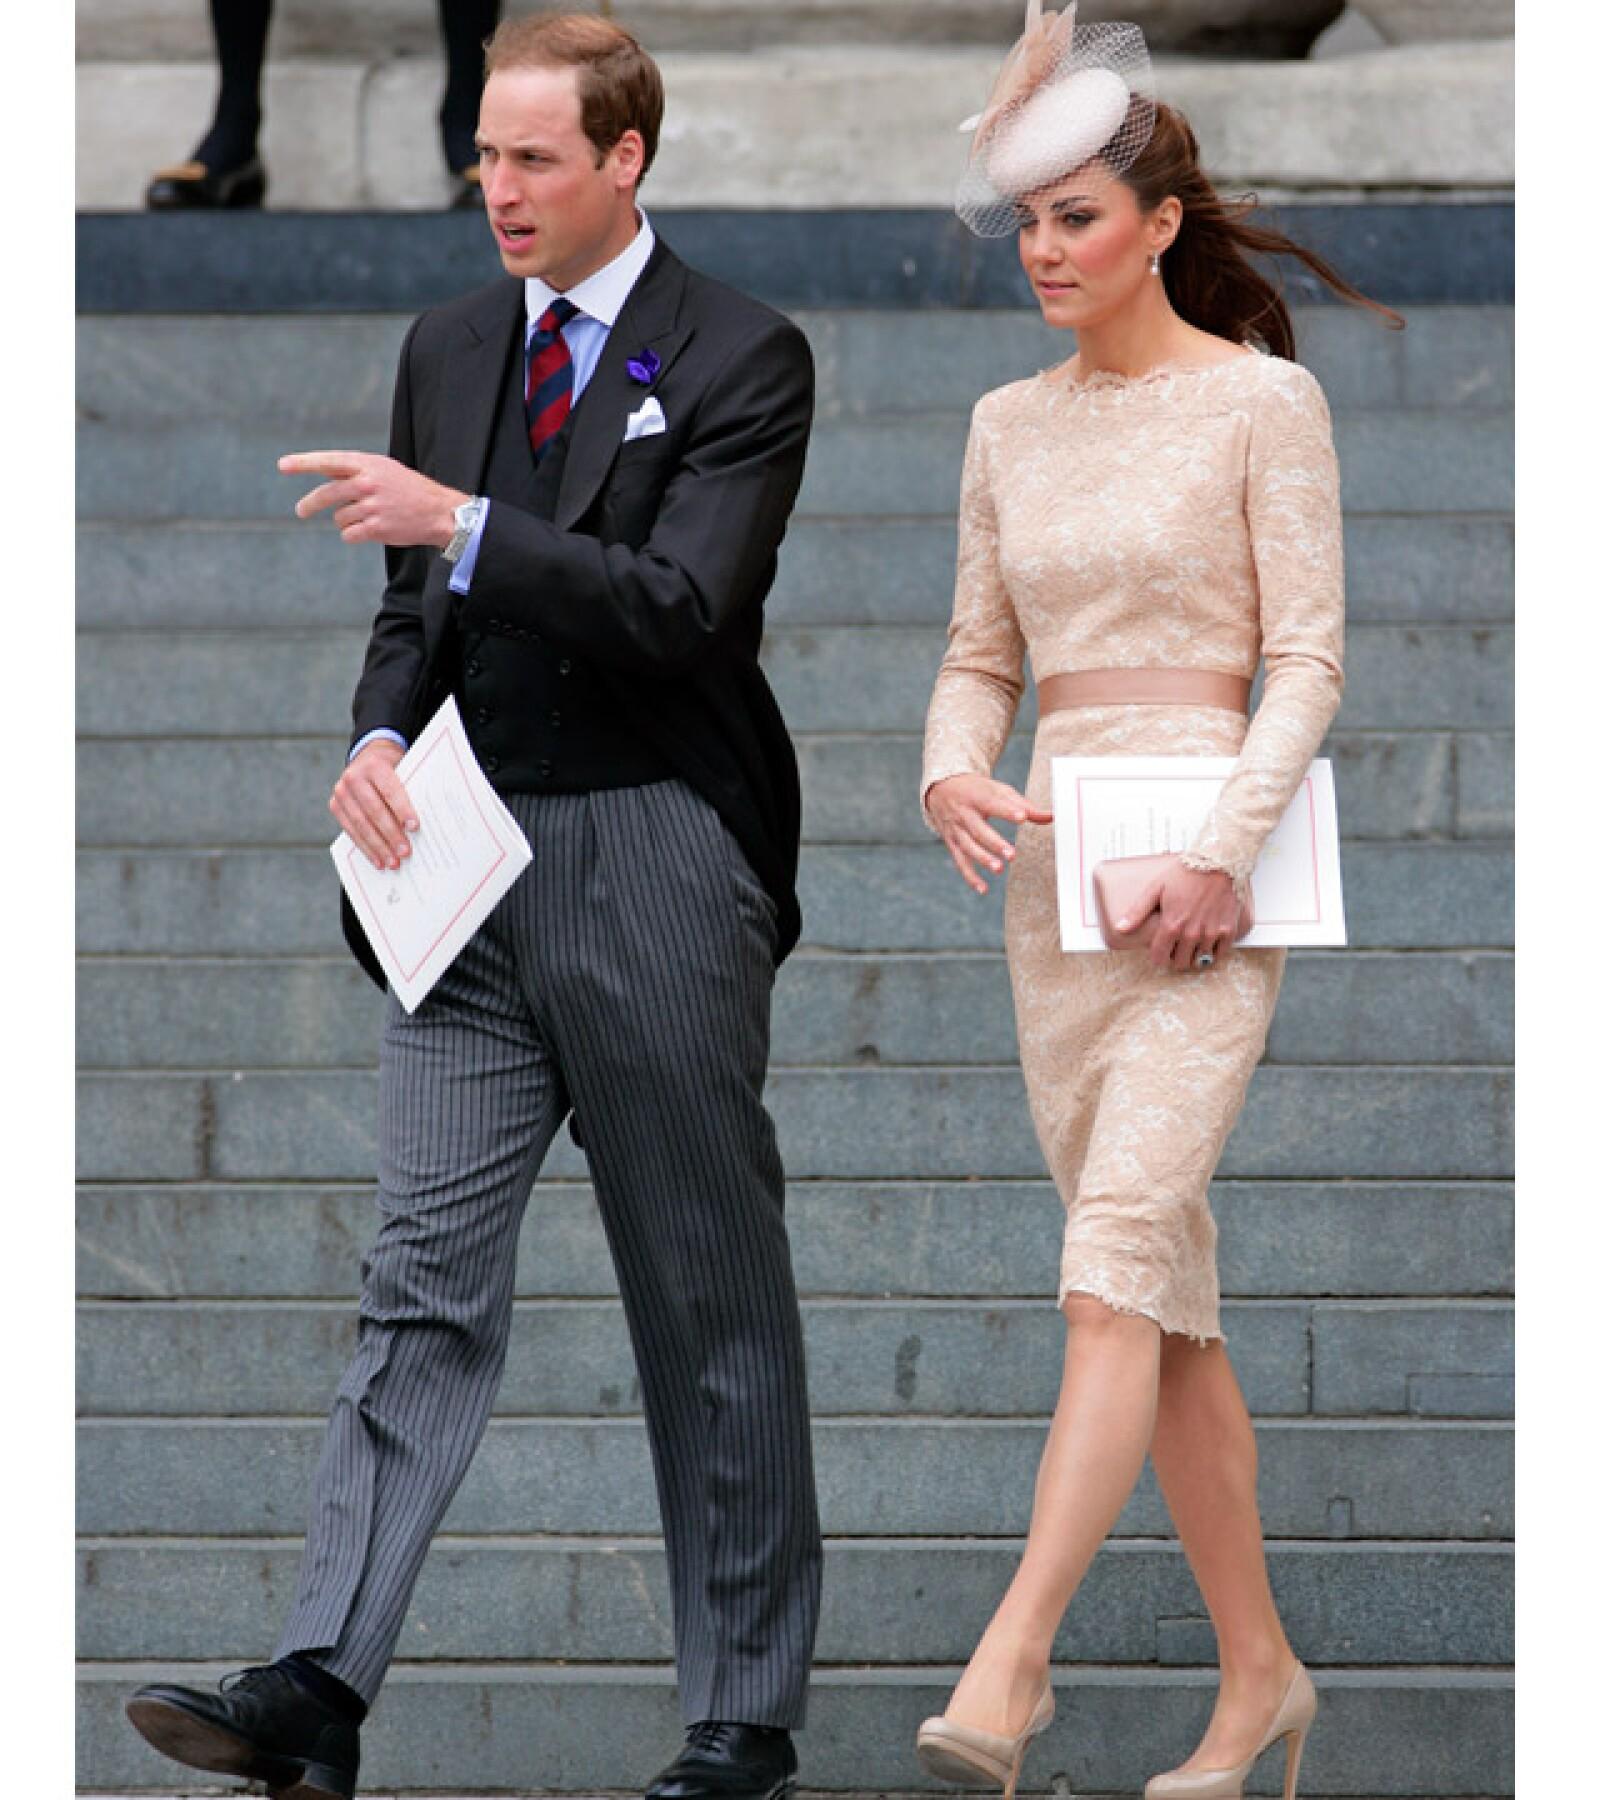 También durante la celebración del Jubileo de la Reina usó un vestido de manga larga y detalles en encaje.